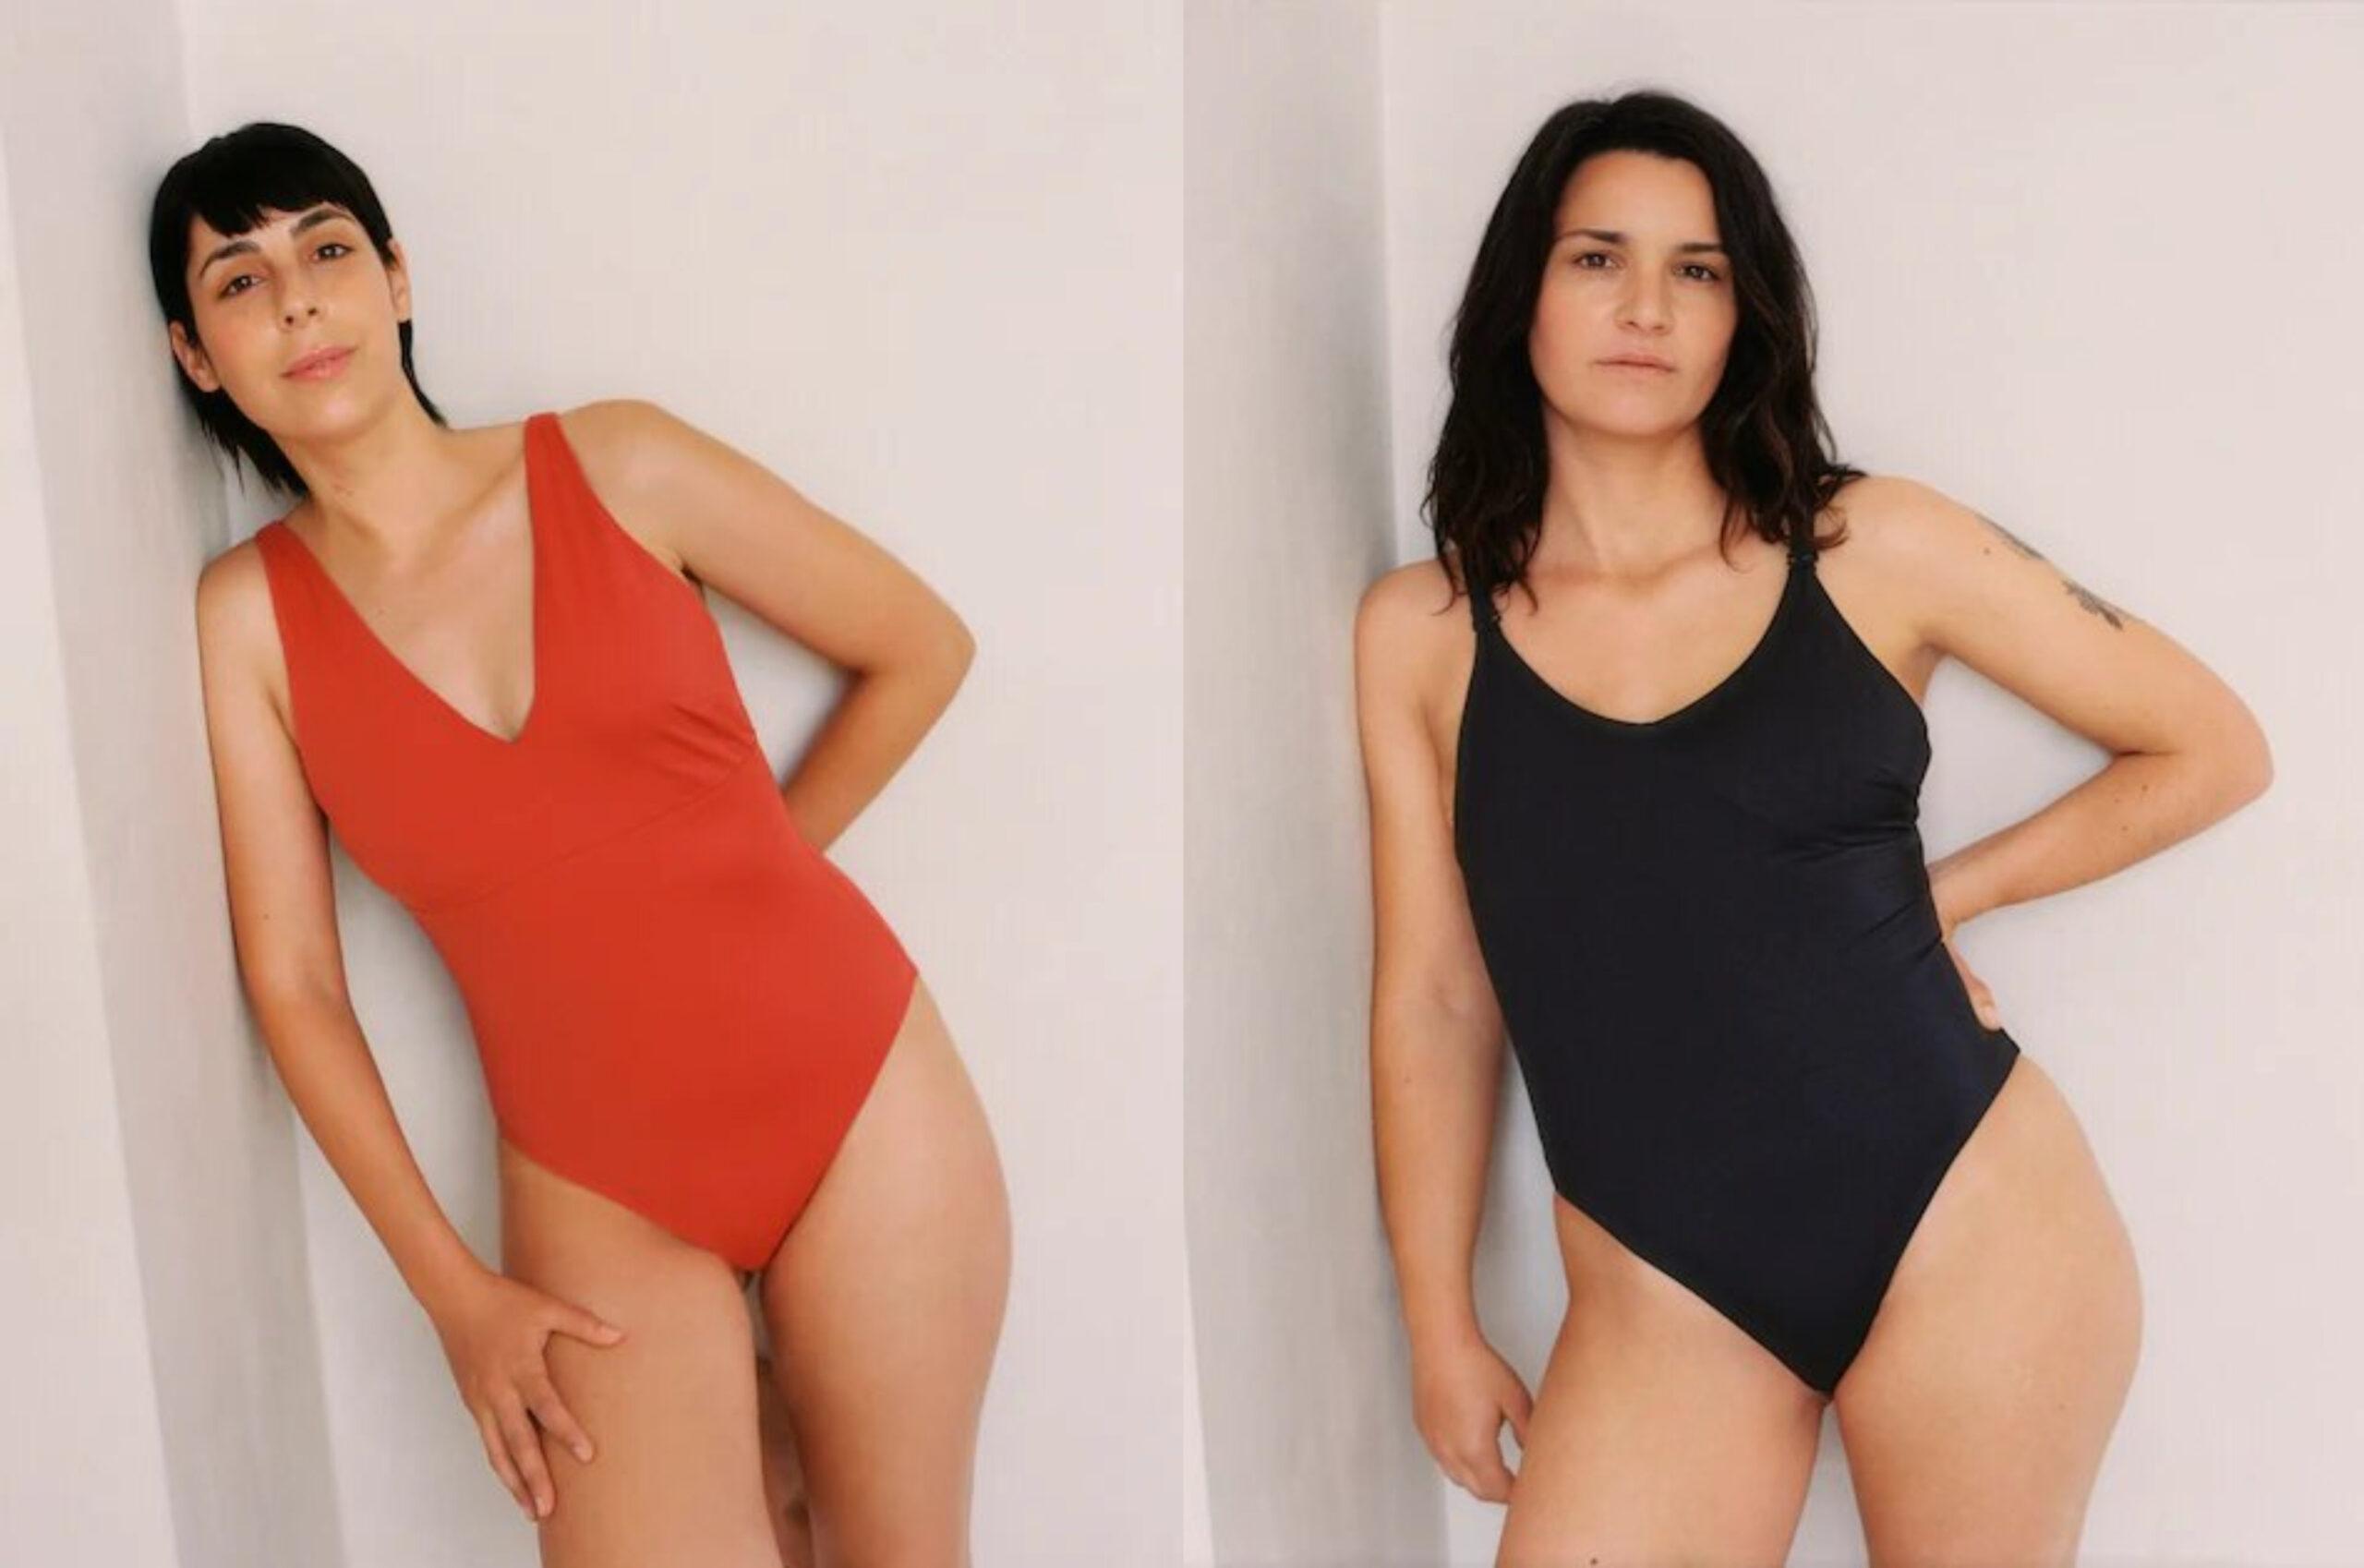 Mango lanzó su línea de lencería adaptable para mujeres: imágenes